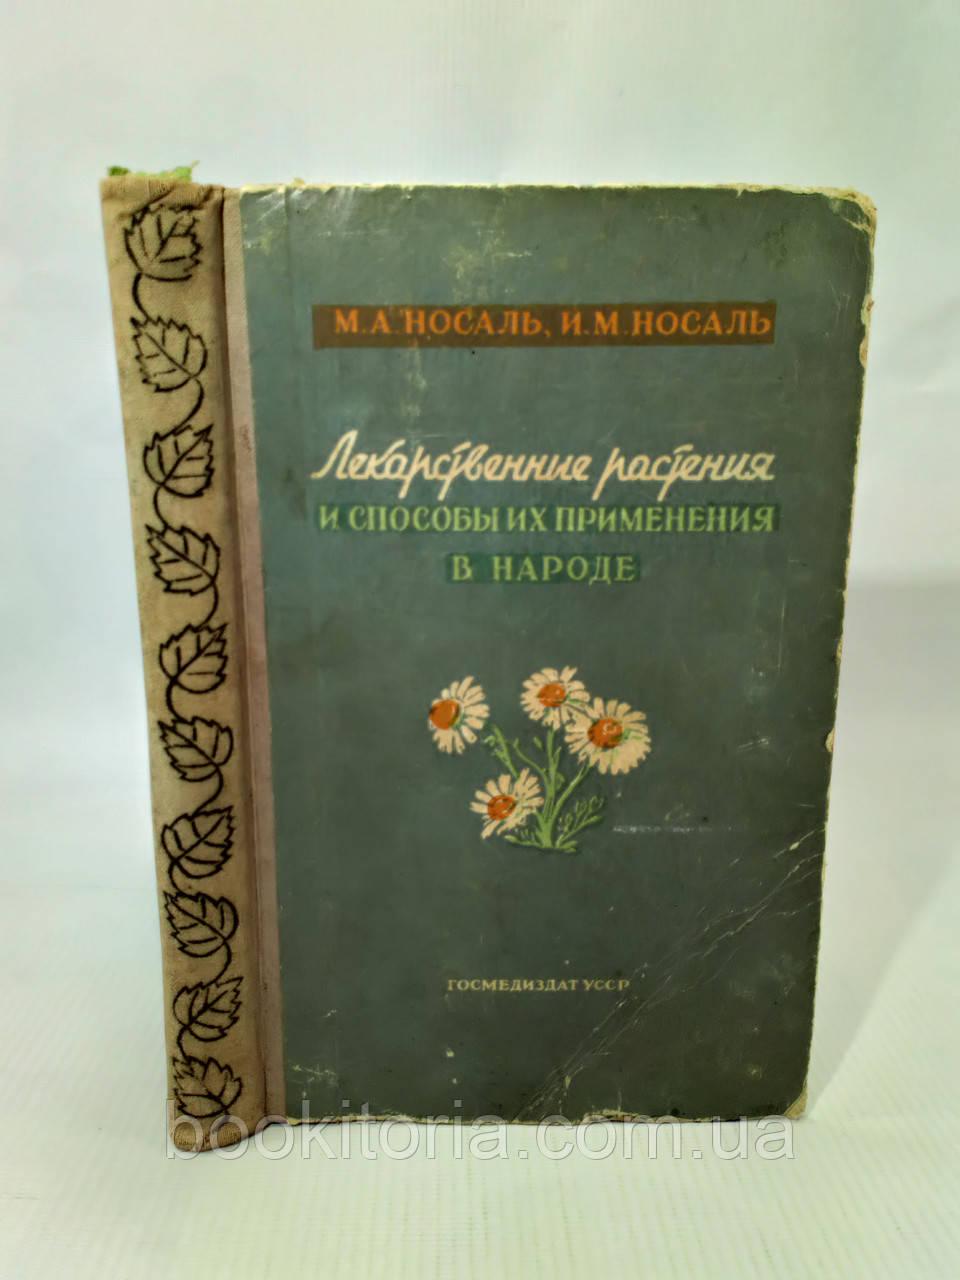 Носаль М., Носаль И. Лекарственные растения и способы их применения в народе (б/у).